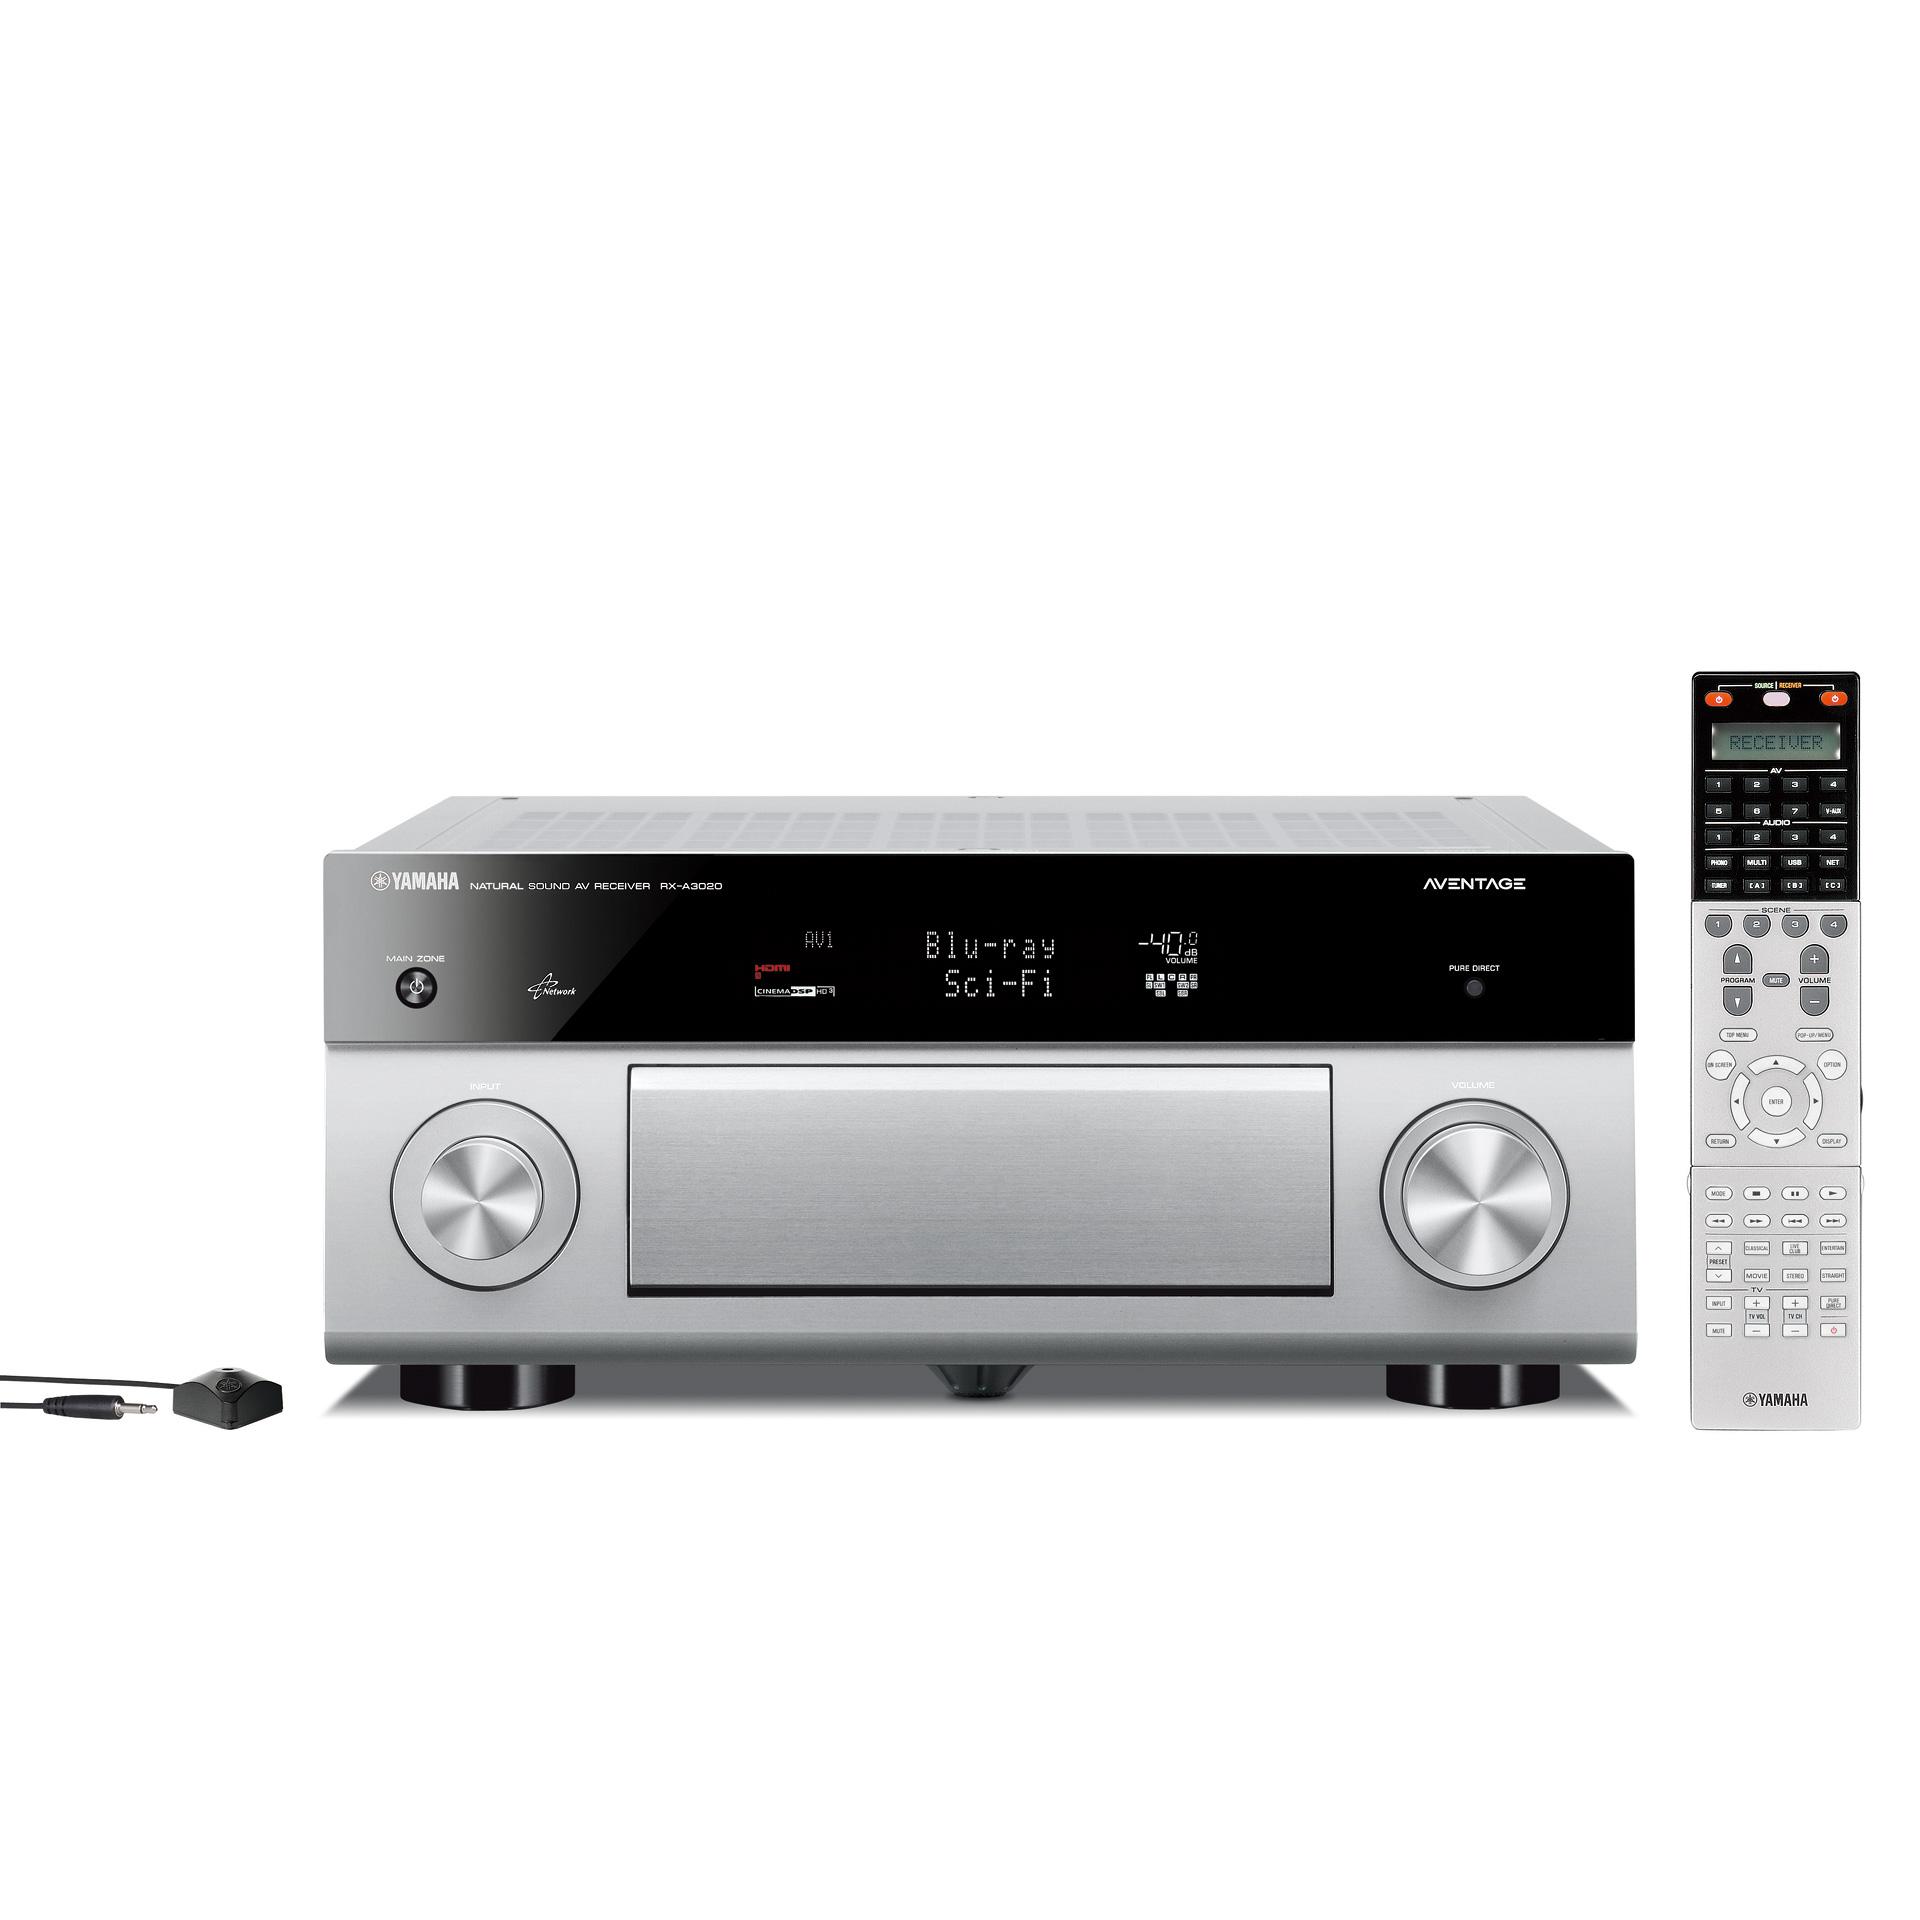 写真を拡大する - RX-A3020 - AVアンプ - ヤマハ株式会社 Yamaha Audio